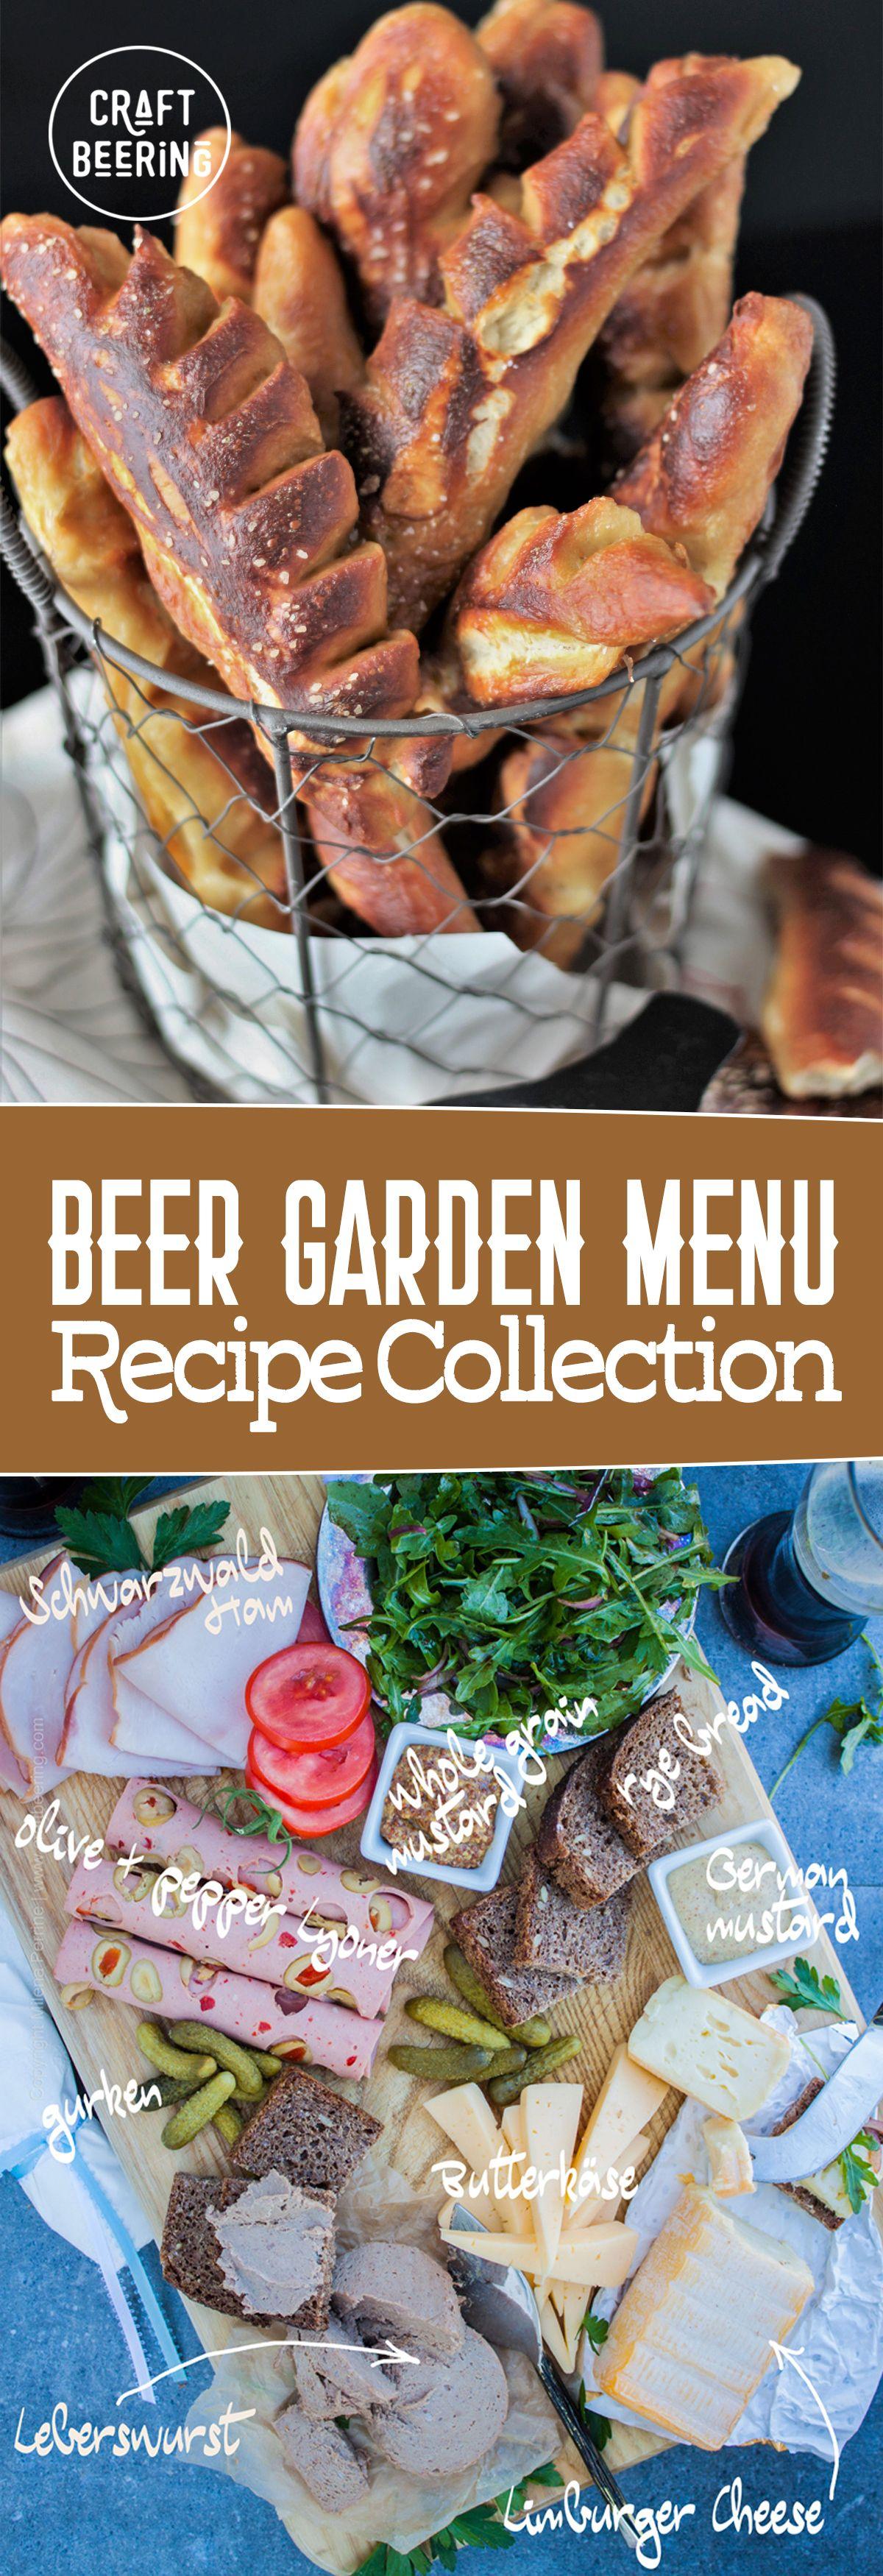 Beer Garden Menu Food, Beer garden, Cooking with beer